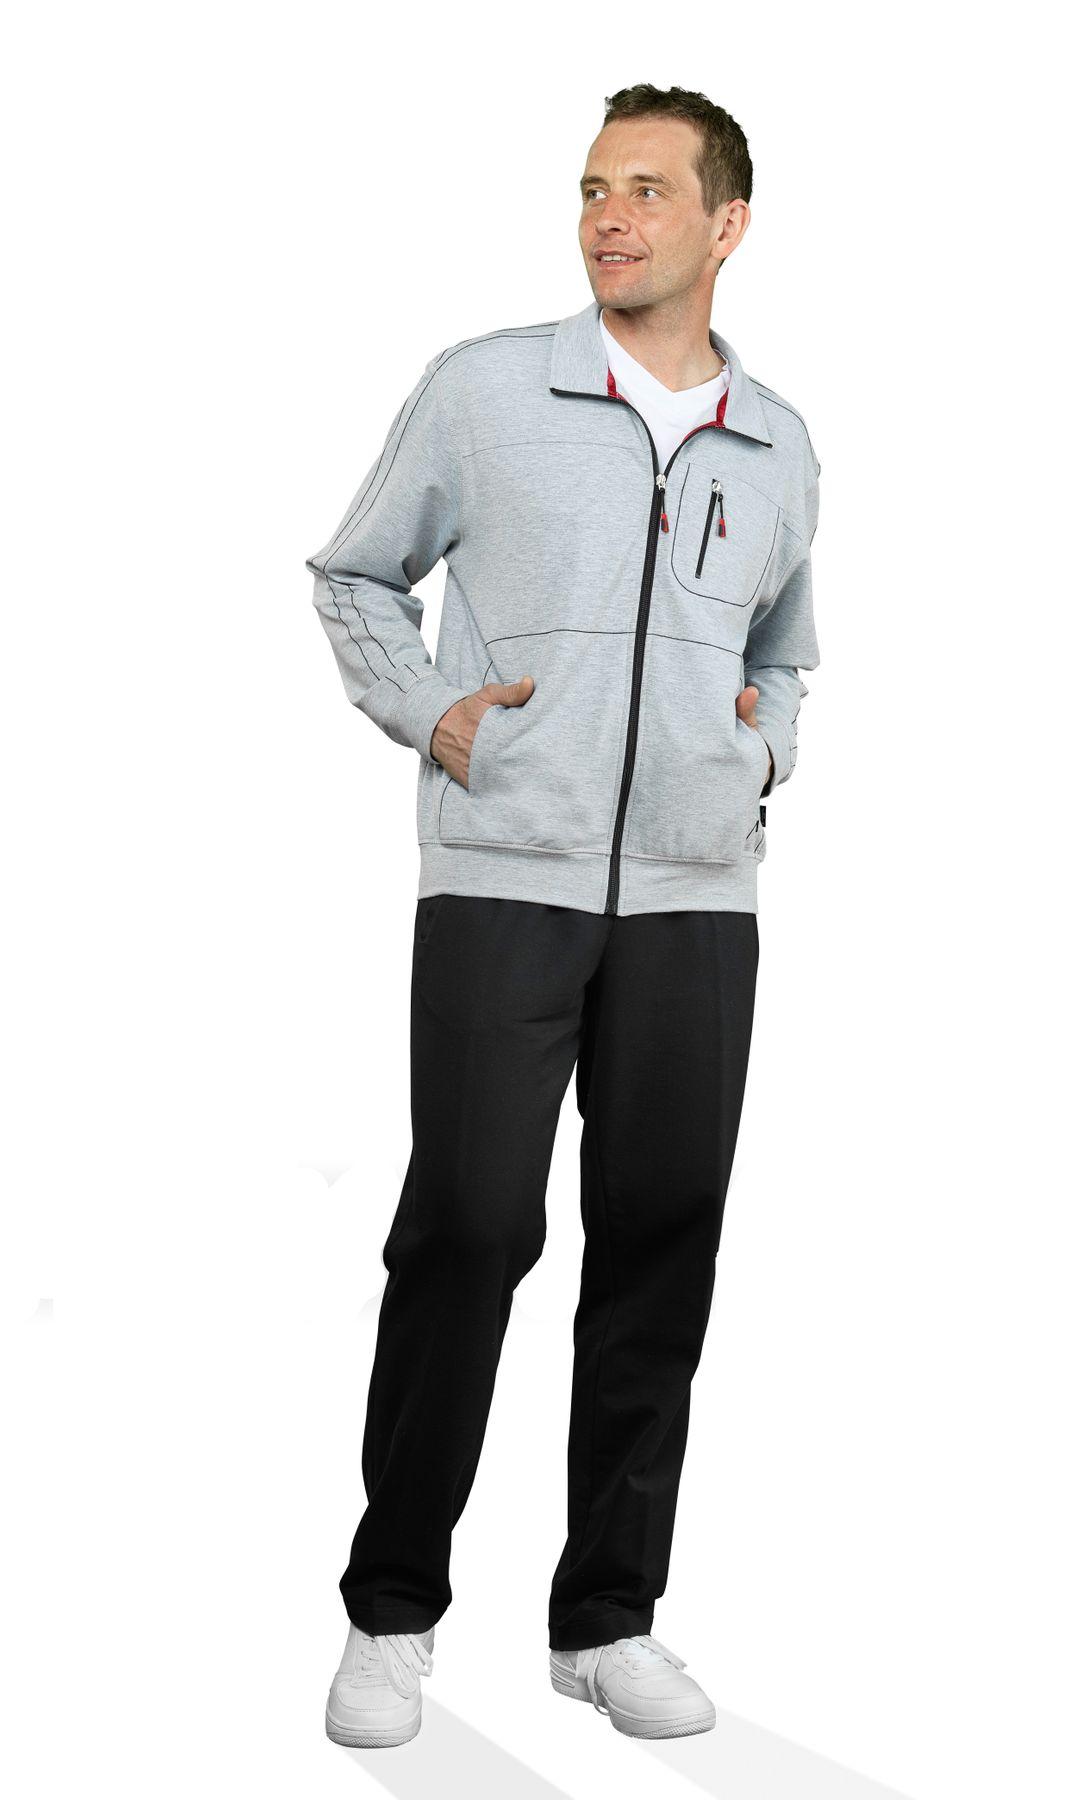 Authentic klein - Herren Sport und Freizeit Jacke aus Baumwollmix in verschiedenen Farben (53033) – Bild 4